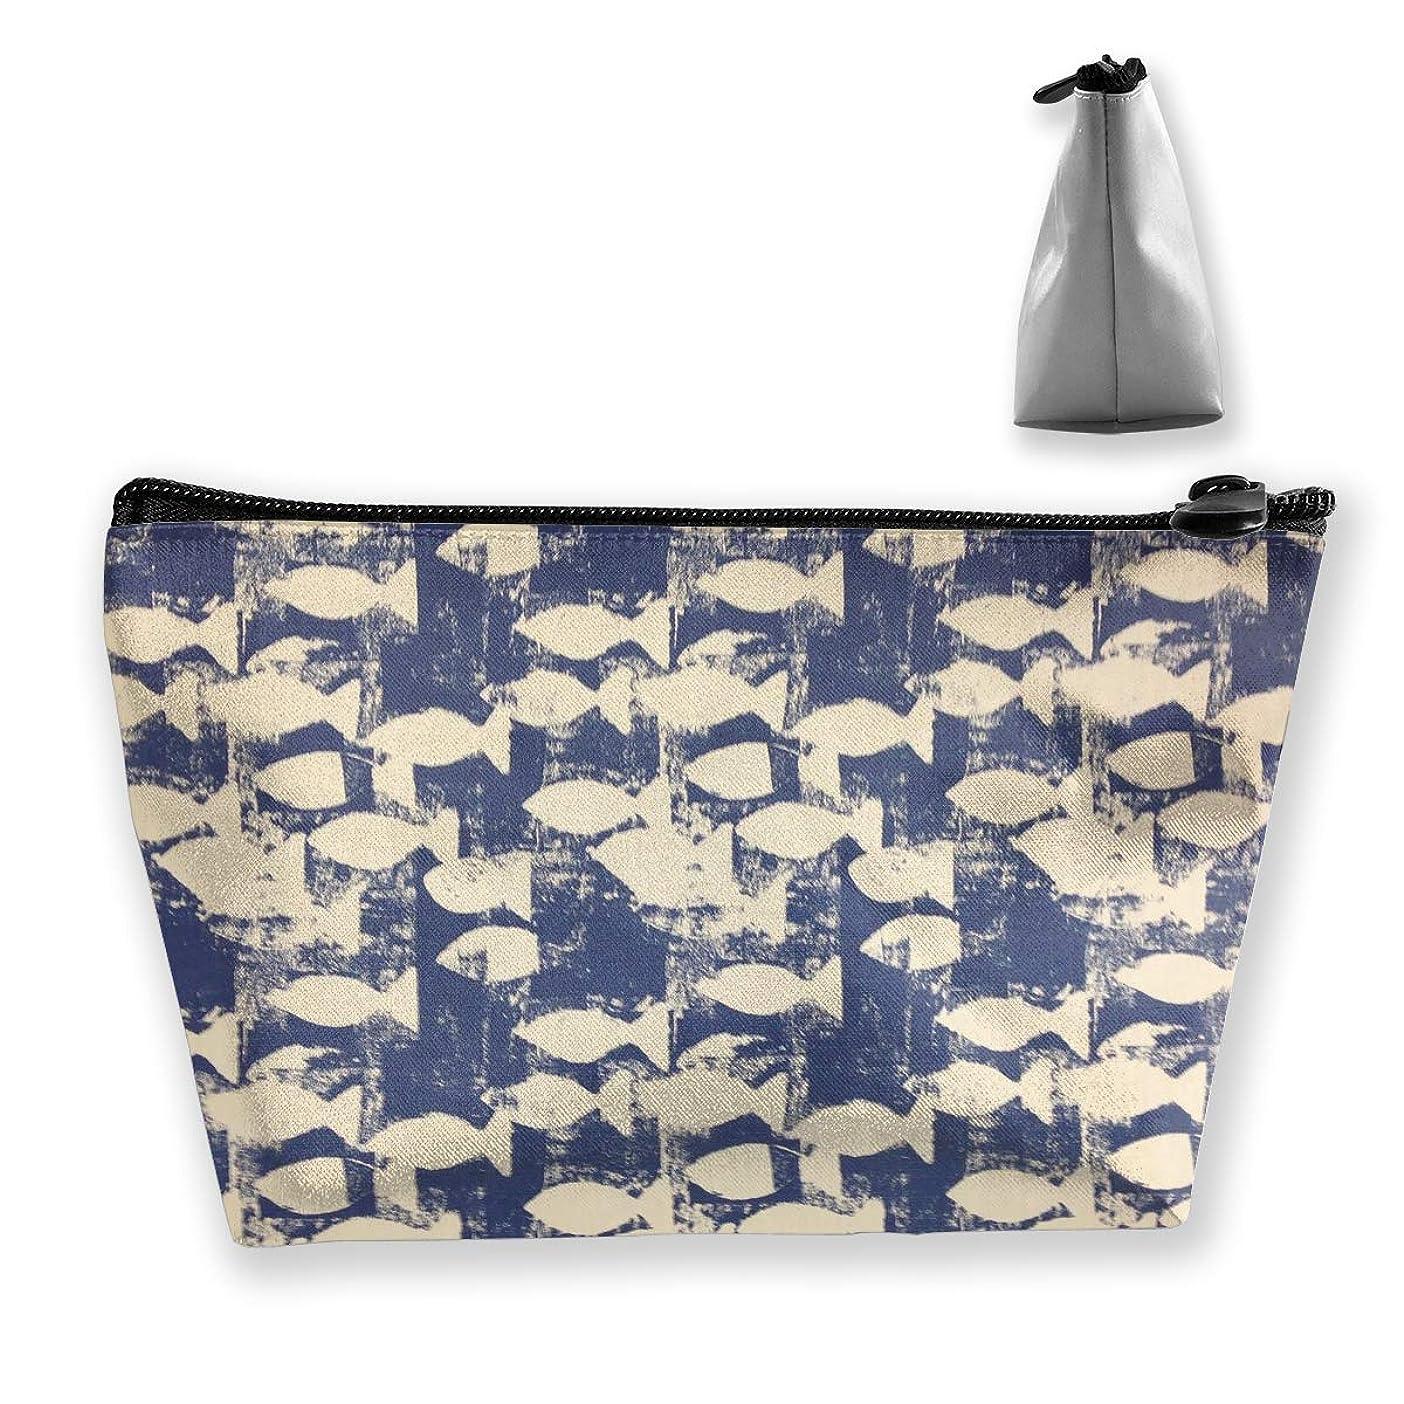 傘アウター明日台形 レディース 化粧ポーチ トラベルポーチ 旅行 ハンドバッグ 魚パターン コスメ メイクポーチ コイン 鍵 小物入れ 化粧品 収納ケース